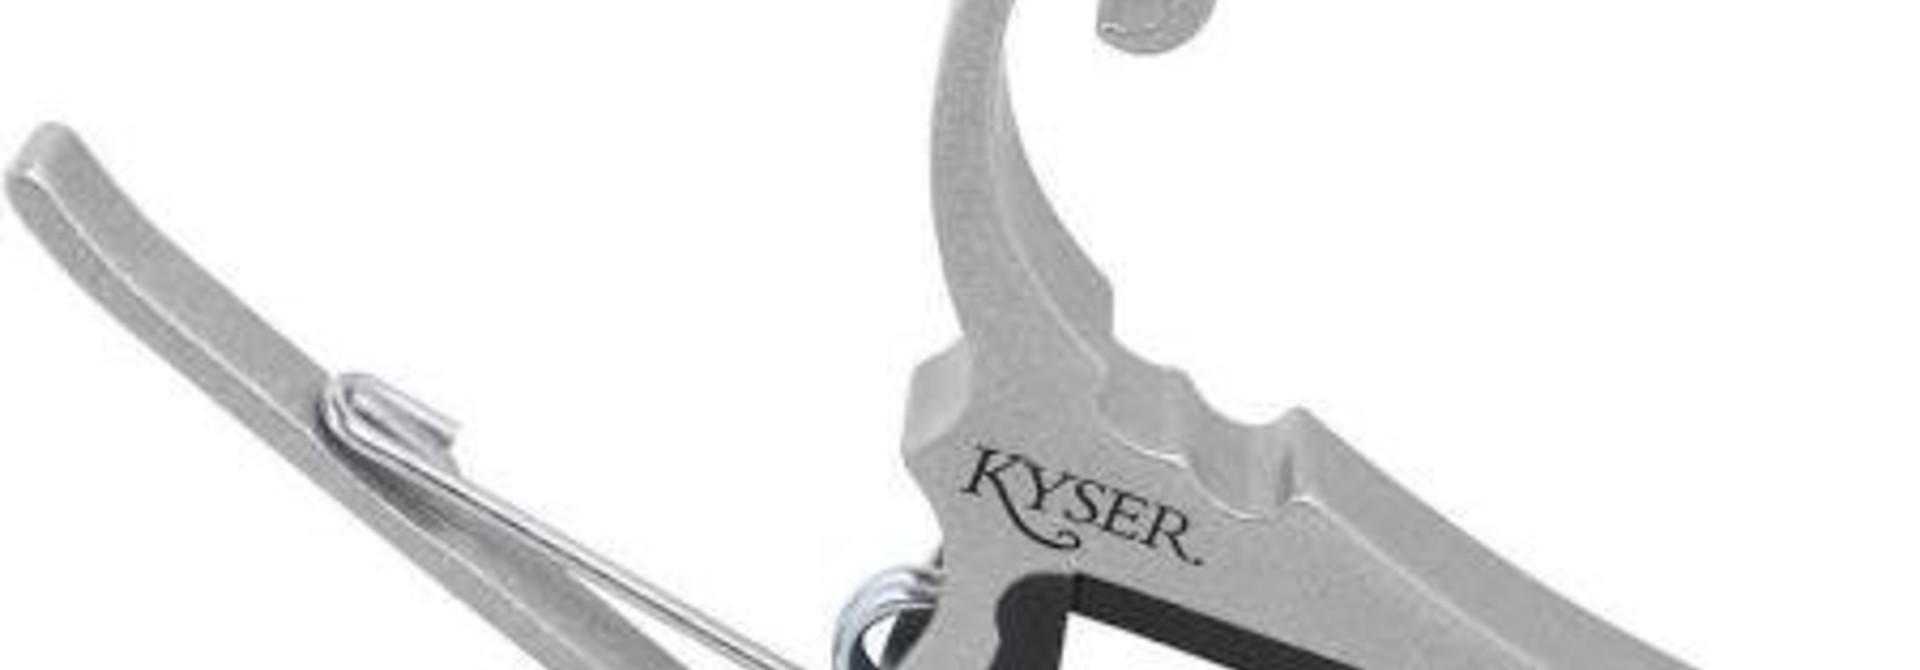 Kyser Capo Silver